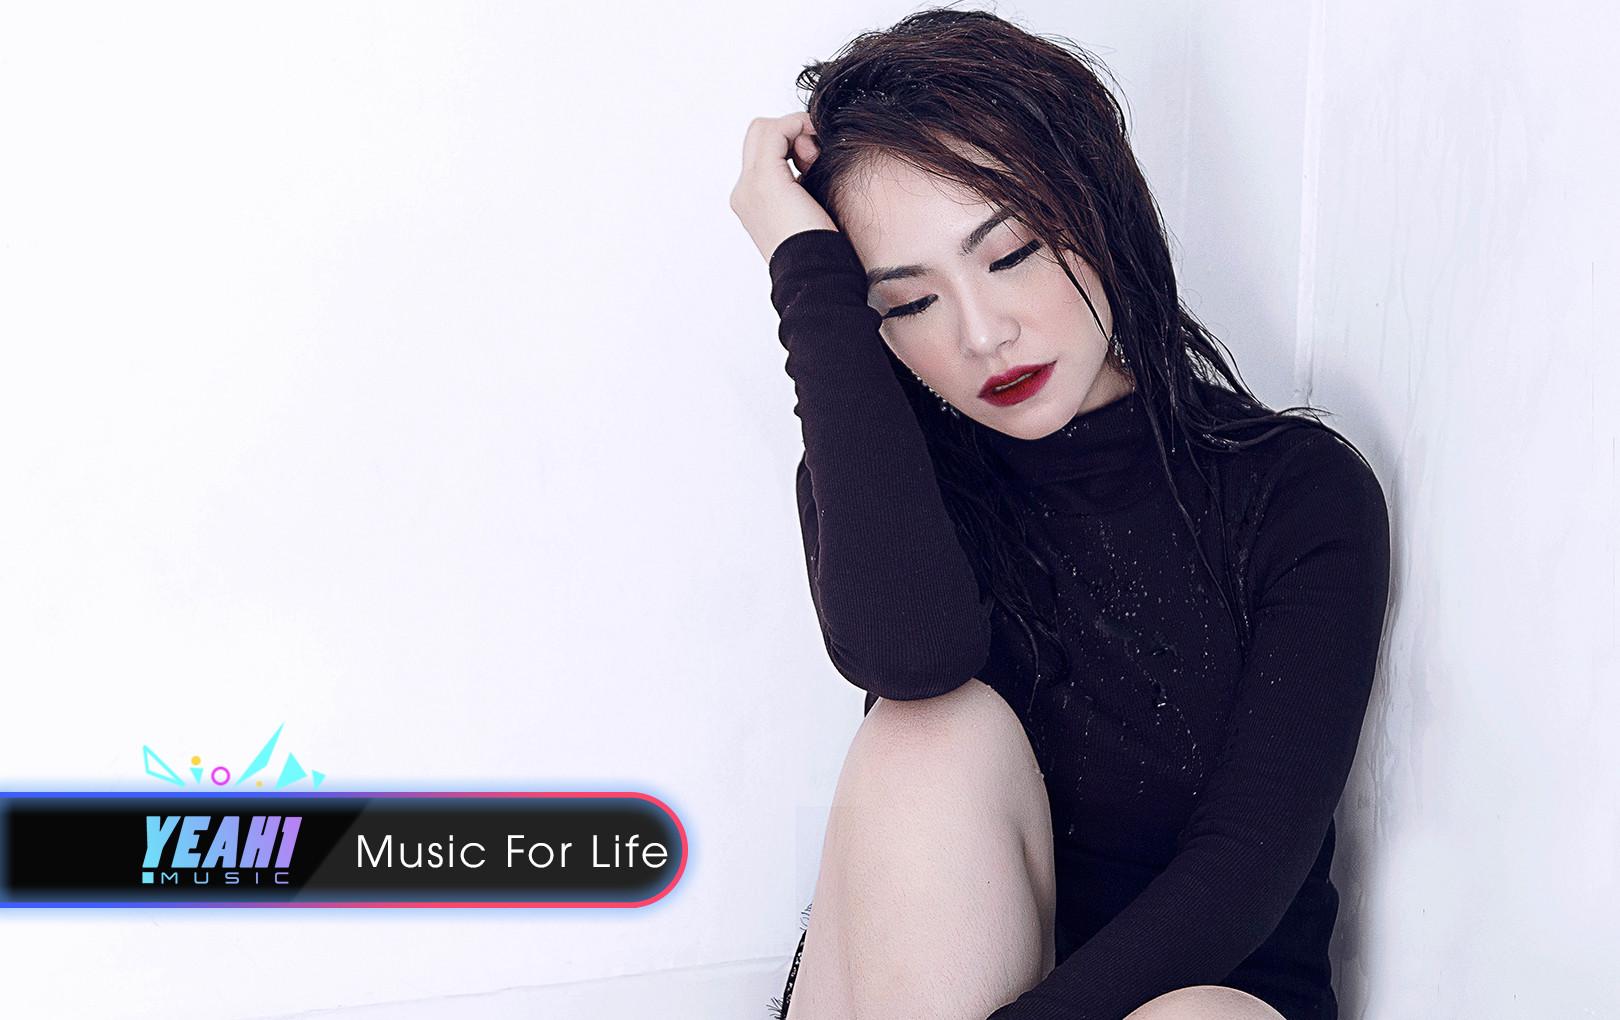 Lương Bích Hữu tung bản hit mới có chất 'gây nghiện' khi lần đầu kết hợp Vương Anh Tú